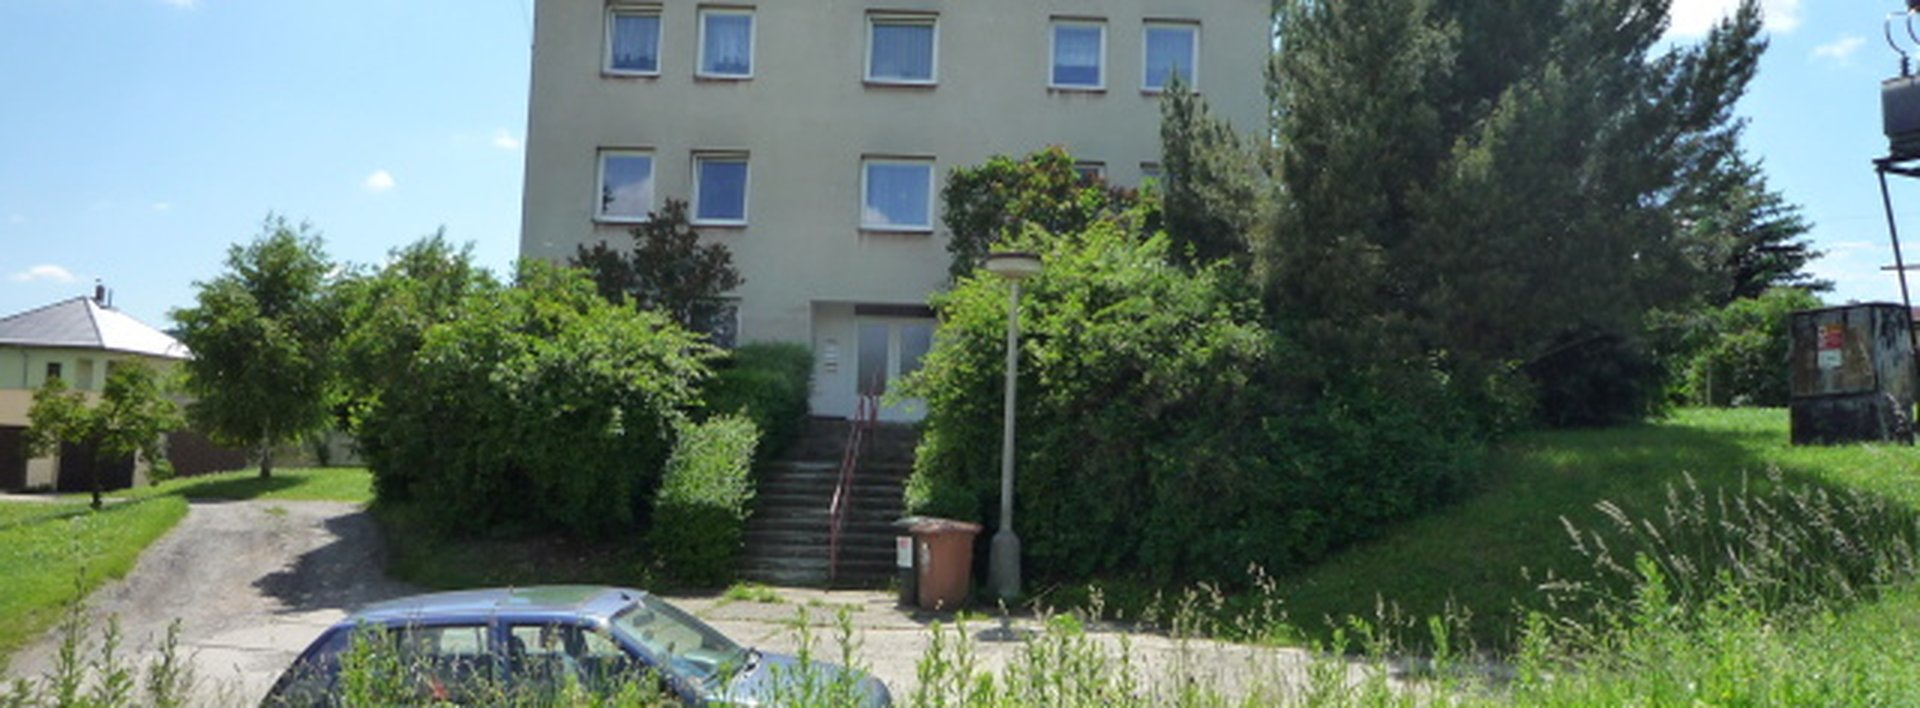 Prodej, byt v osobním vlastnictví, cihla, 4+1+L, cca 90 m2, K Chatám, Skorotice, Ústí nad Labem., Ev.č.: N46069